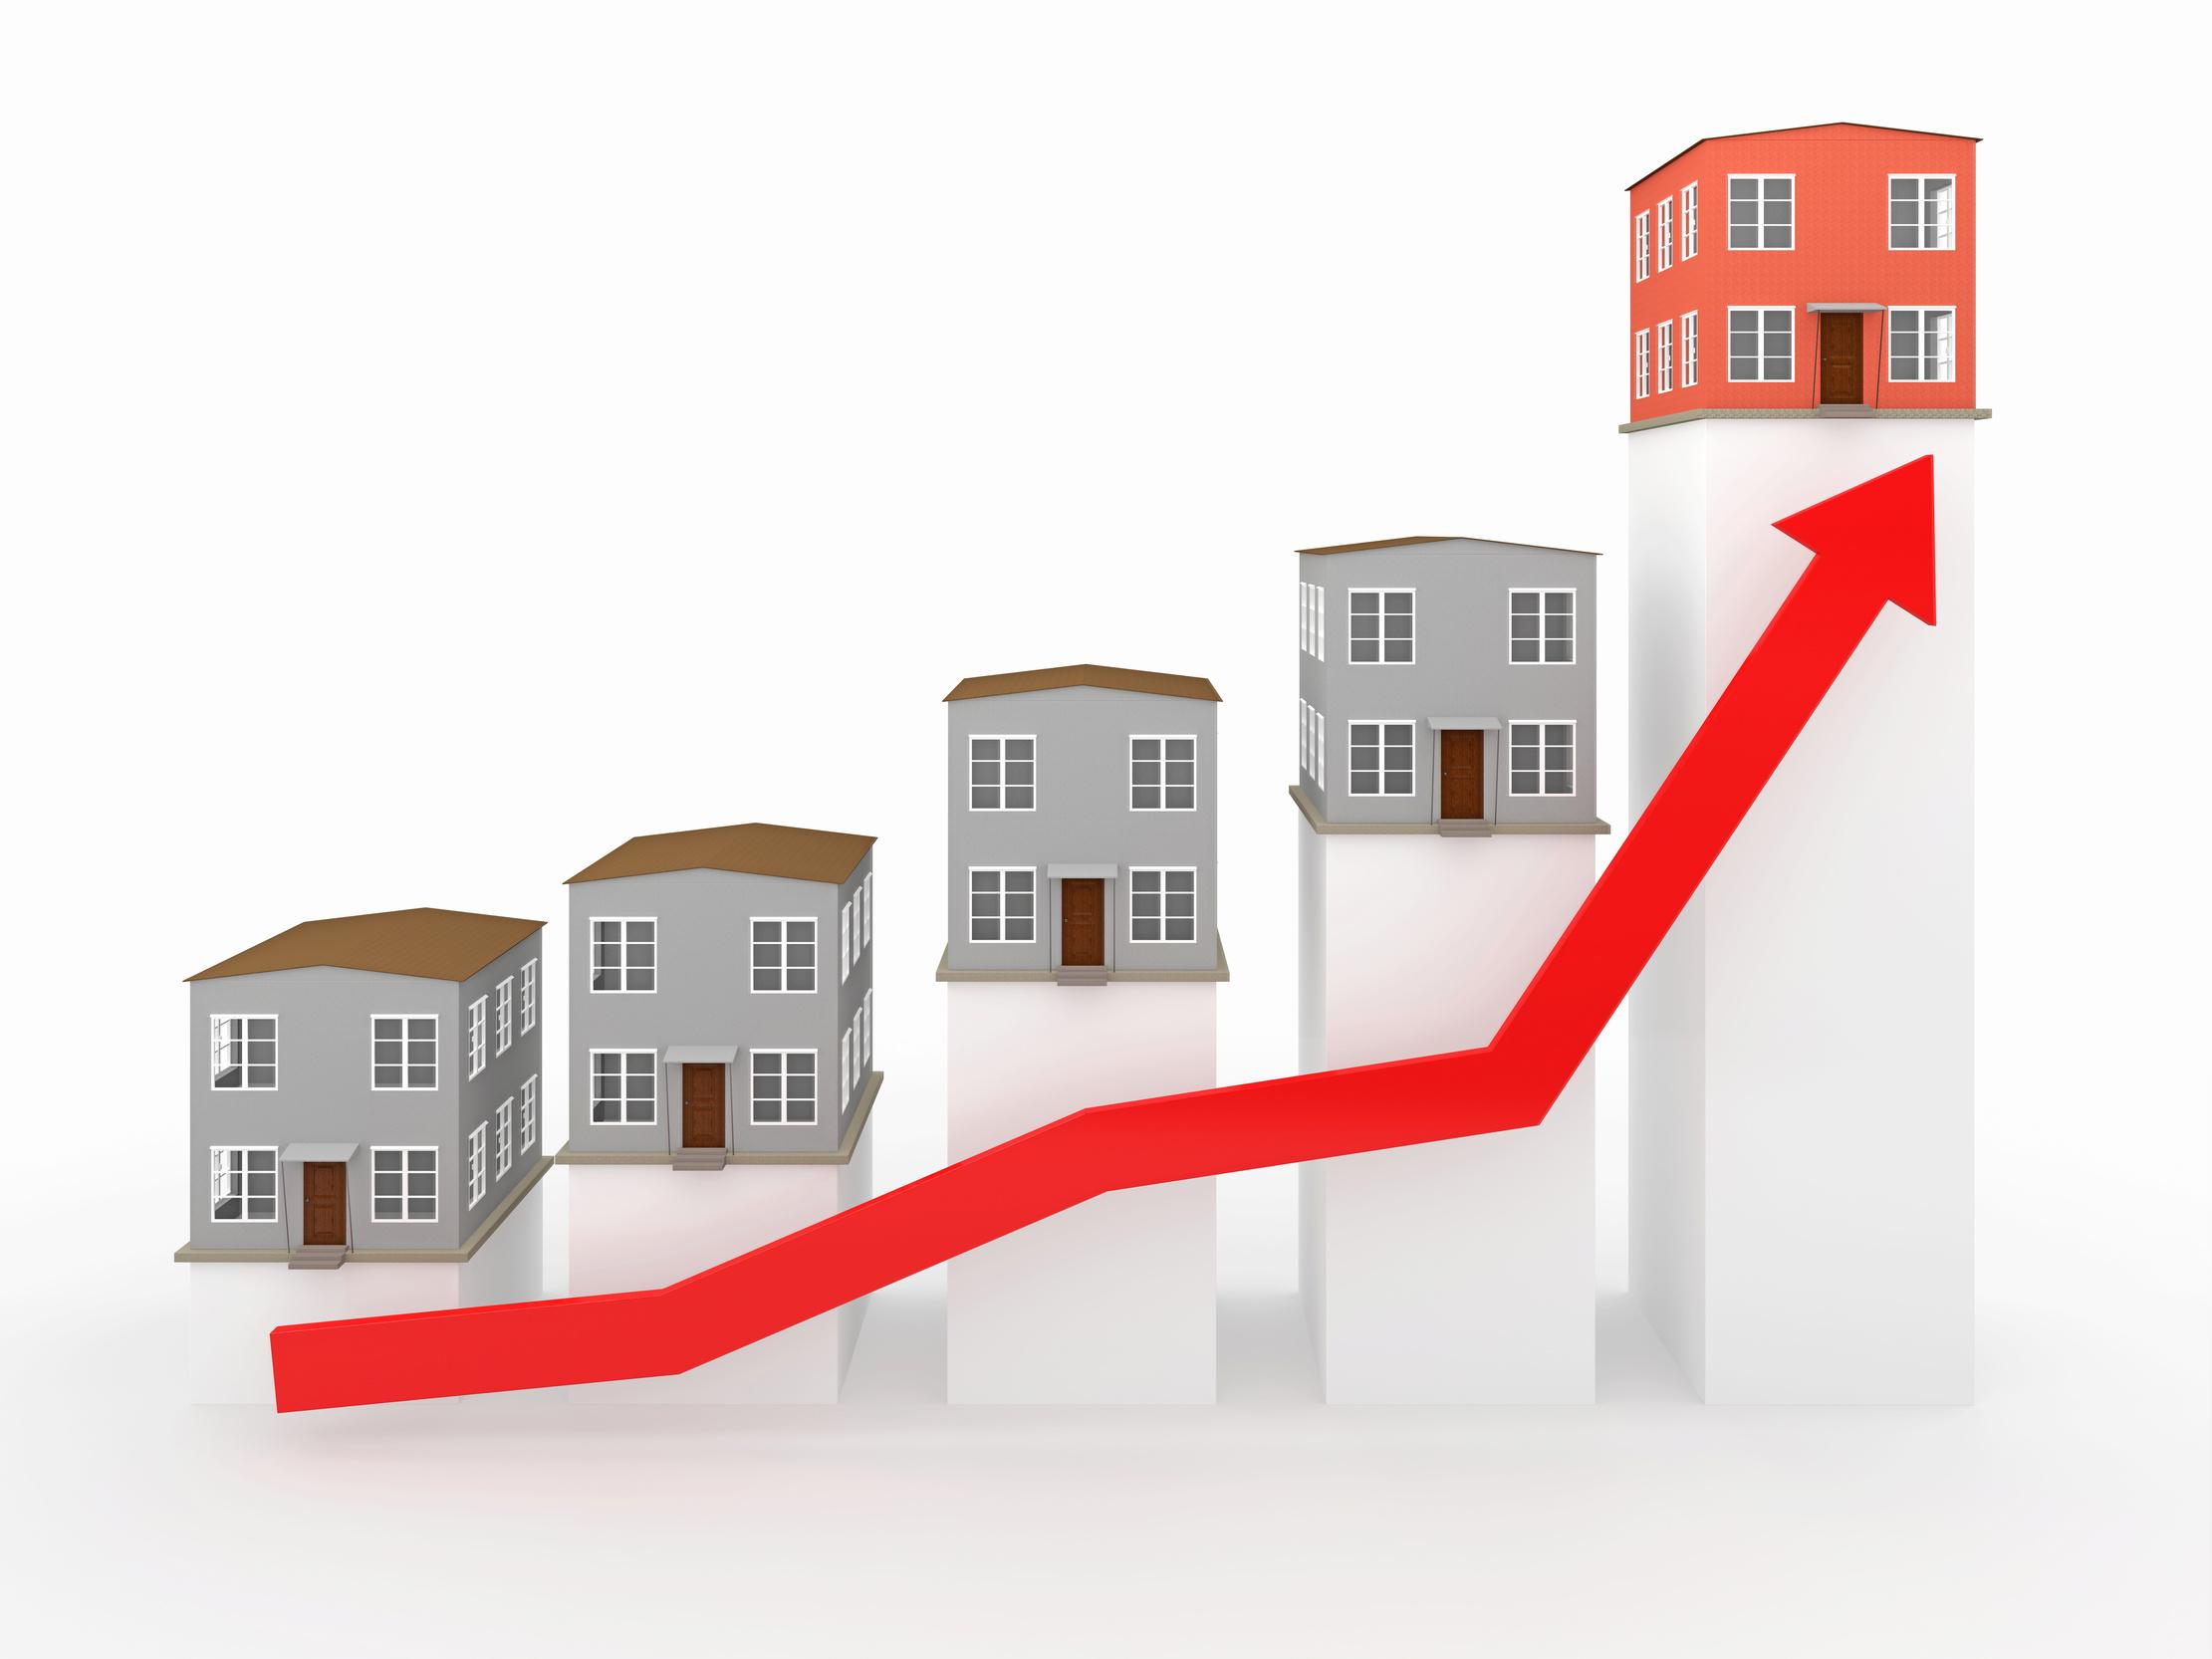 Quando comprare casa ecco come scegliere il momento - E il momento di comprare casa ...